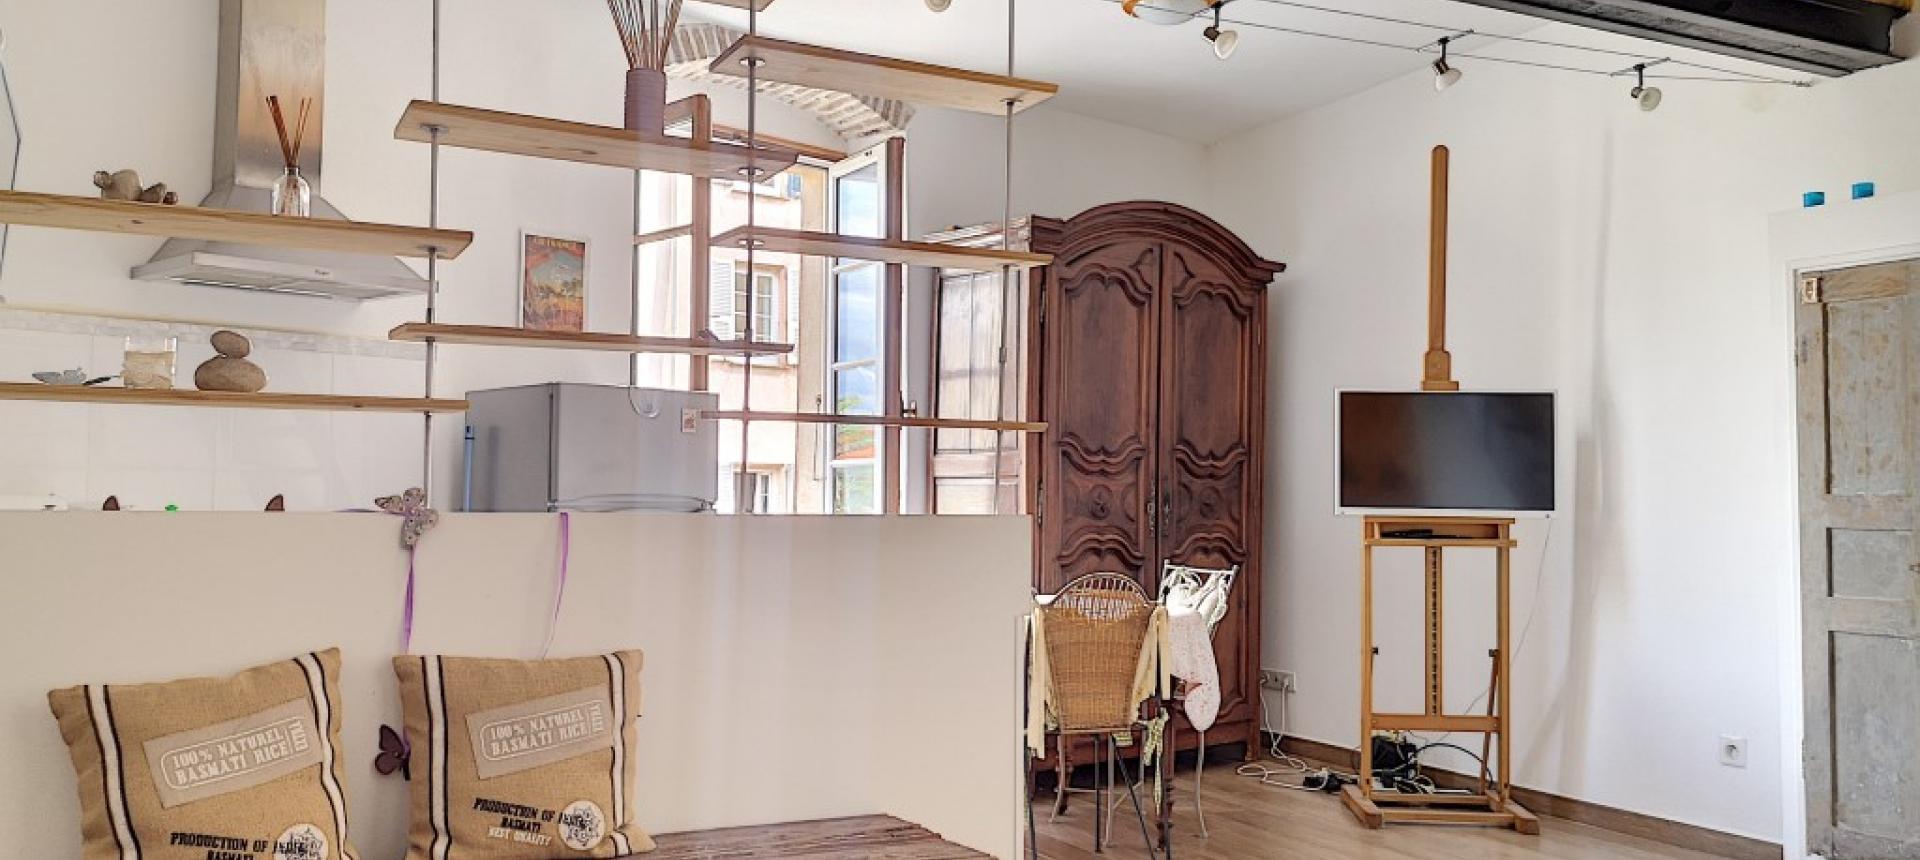 F2 meublé à louer au cœur de la ville d'Ajaccio- Séjour